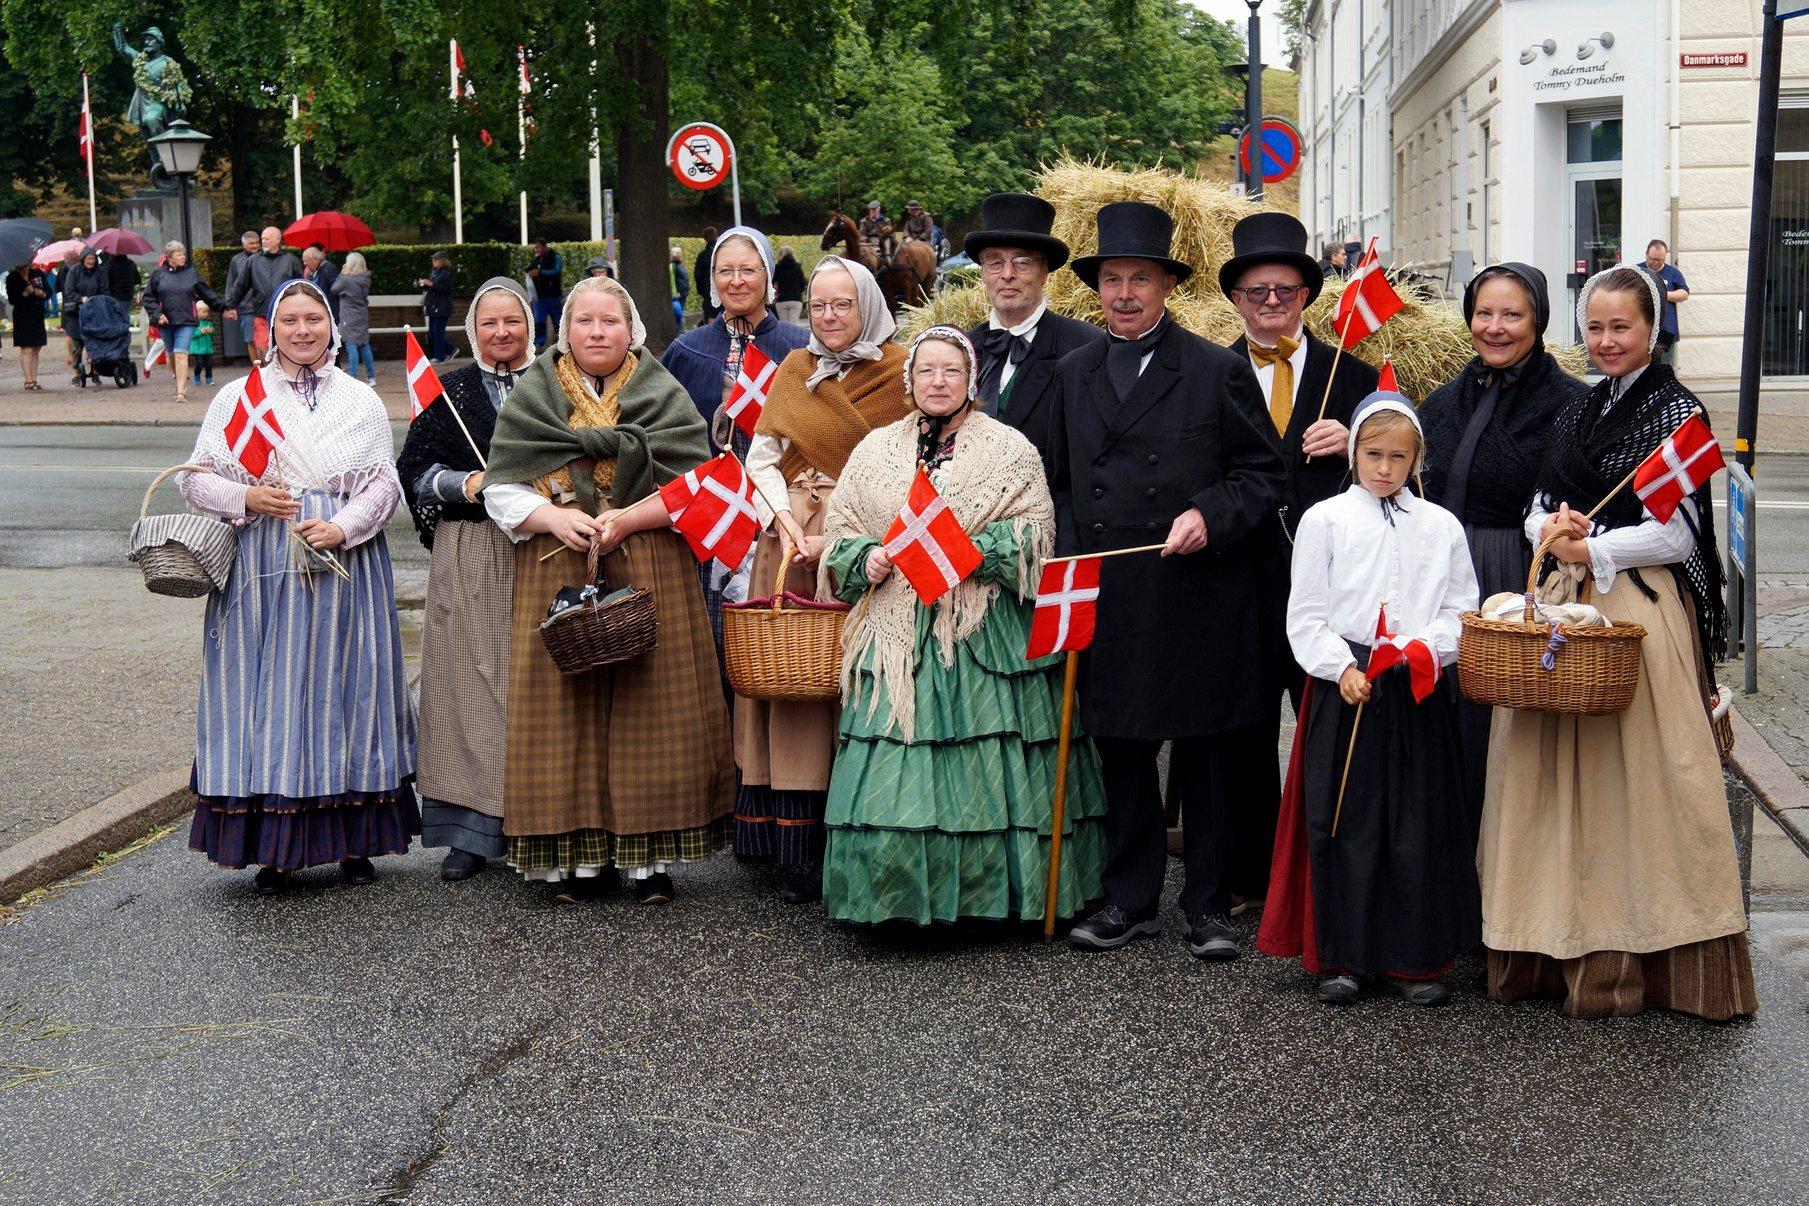 AFLYST: Borger 1849 søger nye deltagere. Vil du være med?